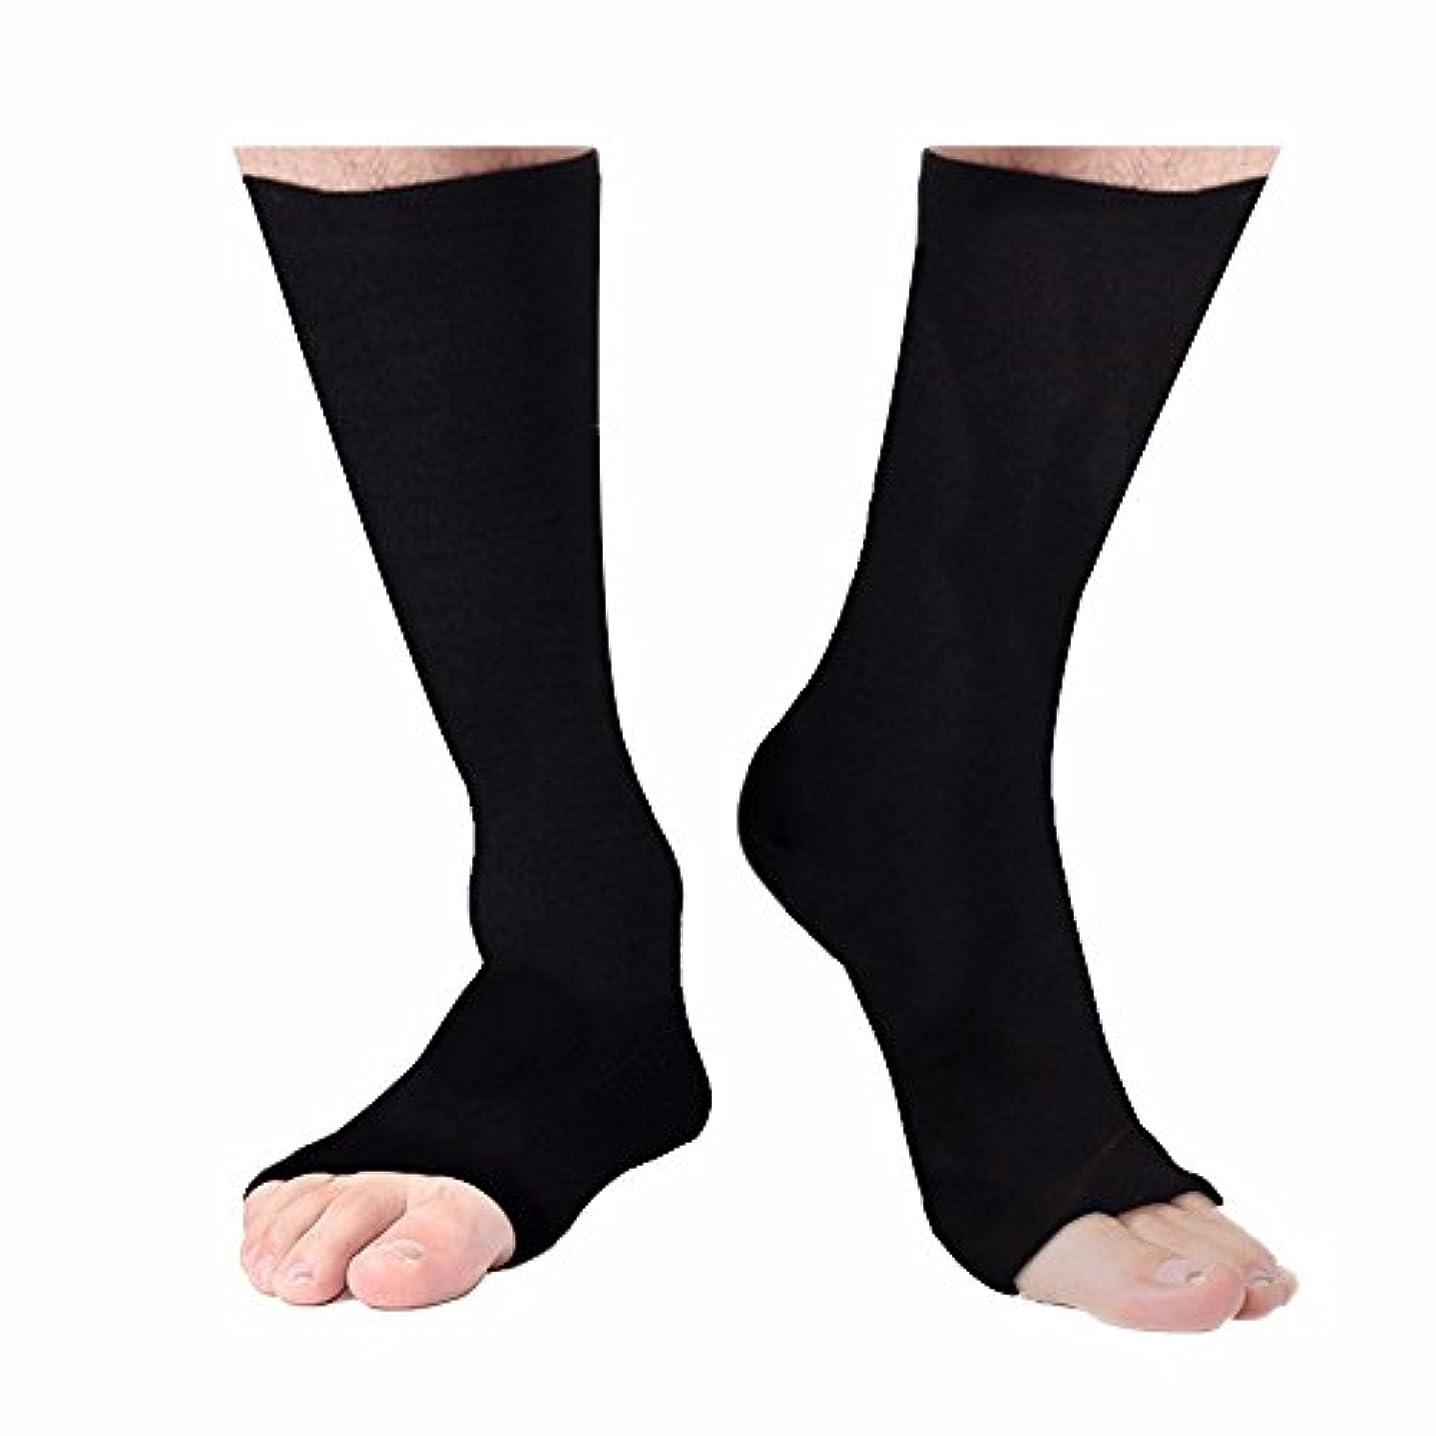 アナニバー蒸留する印象Yartar 着圧ソックス オープントゥ 段階圧力 ハイソックス 膝下 むくみ対策 男女兼用 Open Toe Pressure Socks (ブラック, L:35cm)